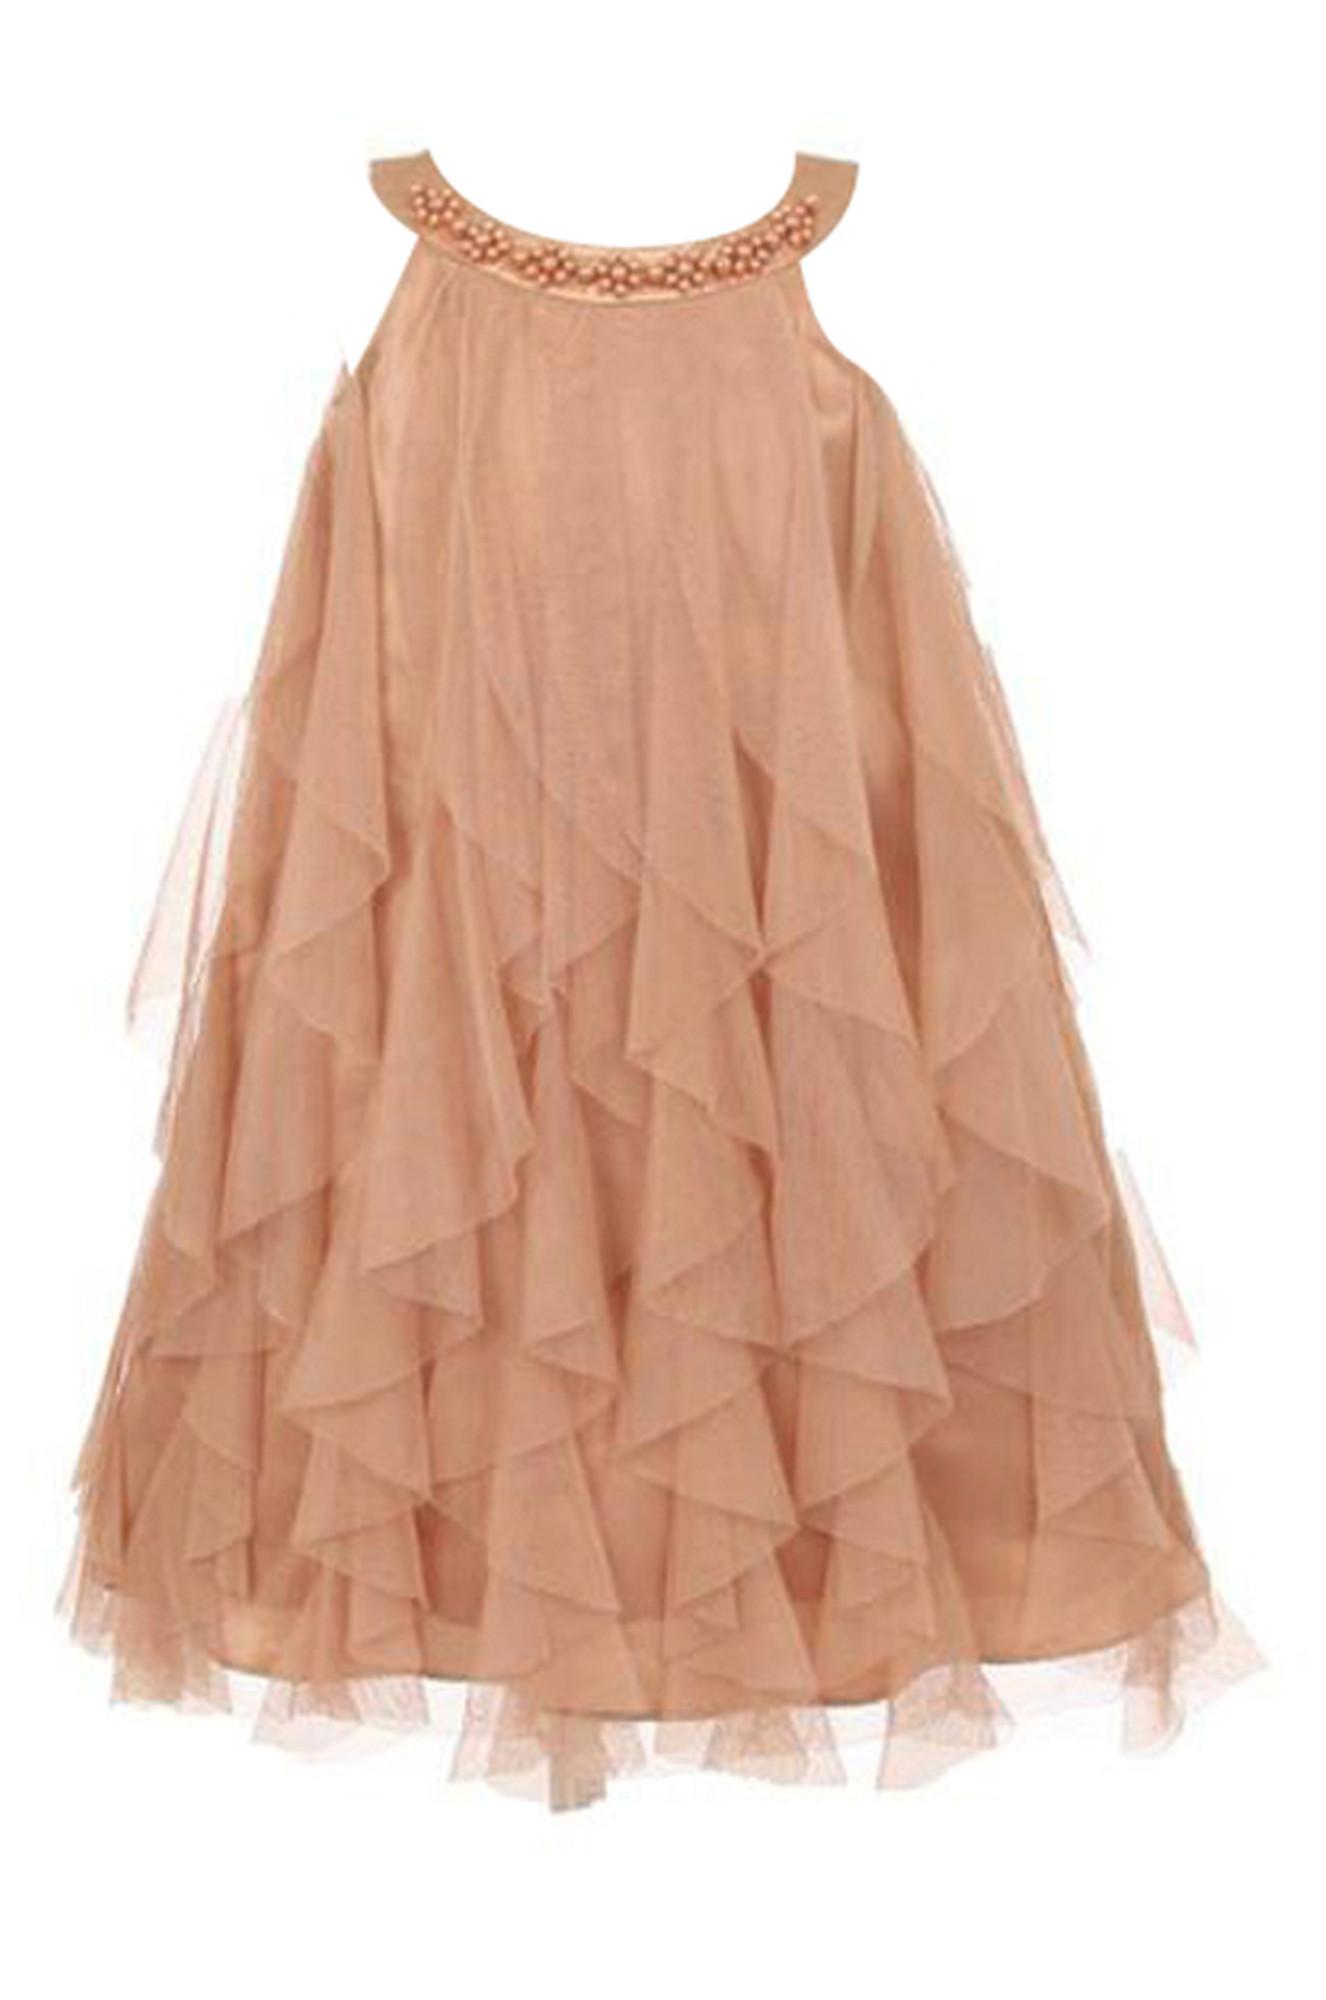 BIMARO Mädchen Kleid Lucia champagner beige Festkleid edler Mesh Volants Perlen festlich Hochzeit Blumenmädchen Weihnachten 001